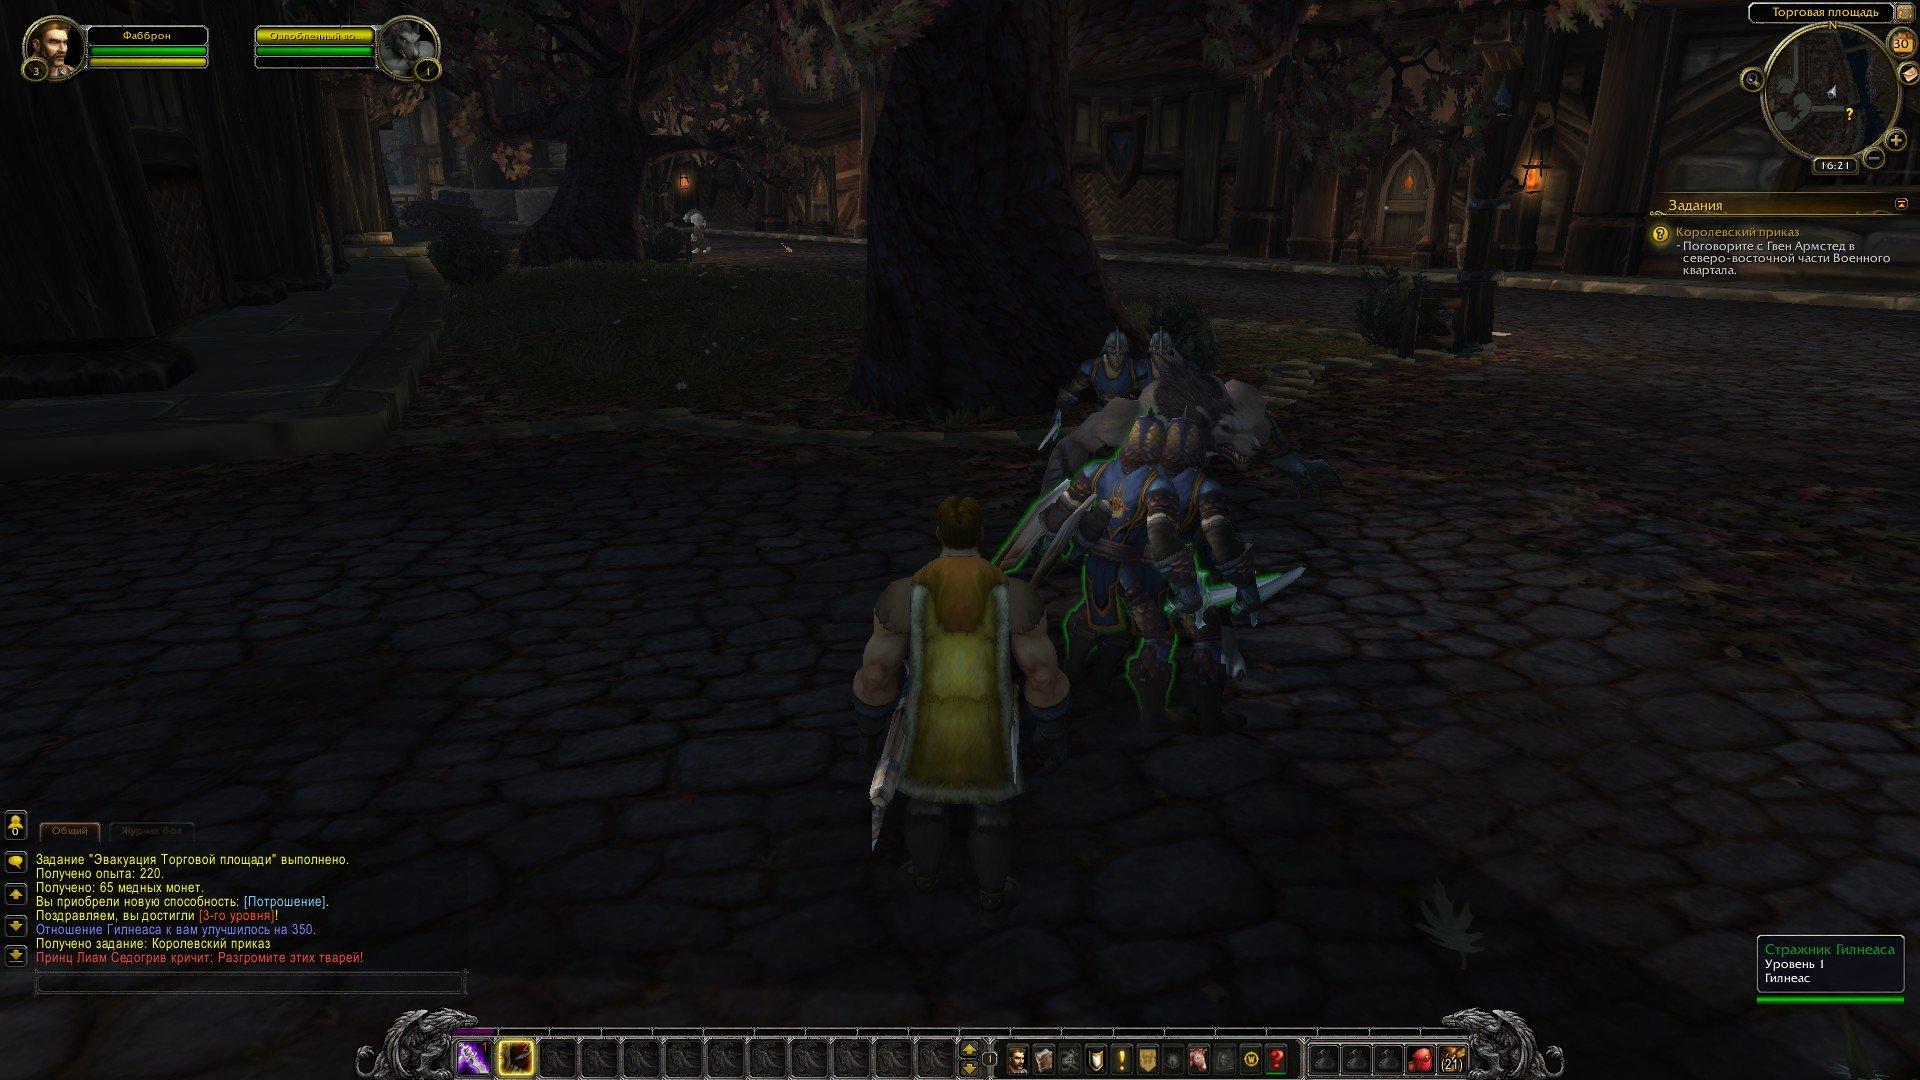 Путешествие по World of Warcraft ... Знакомство - Изображение 25